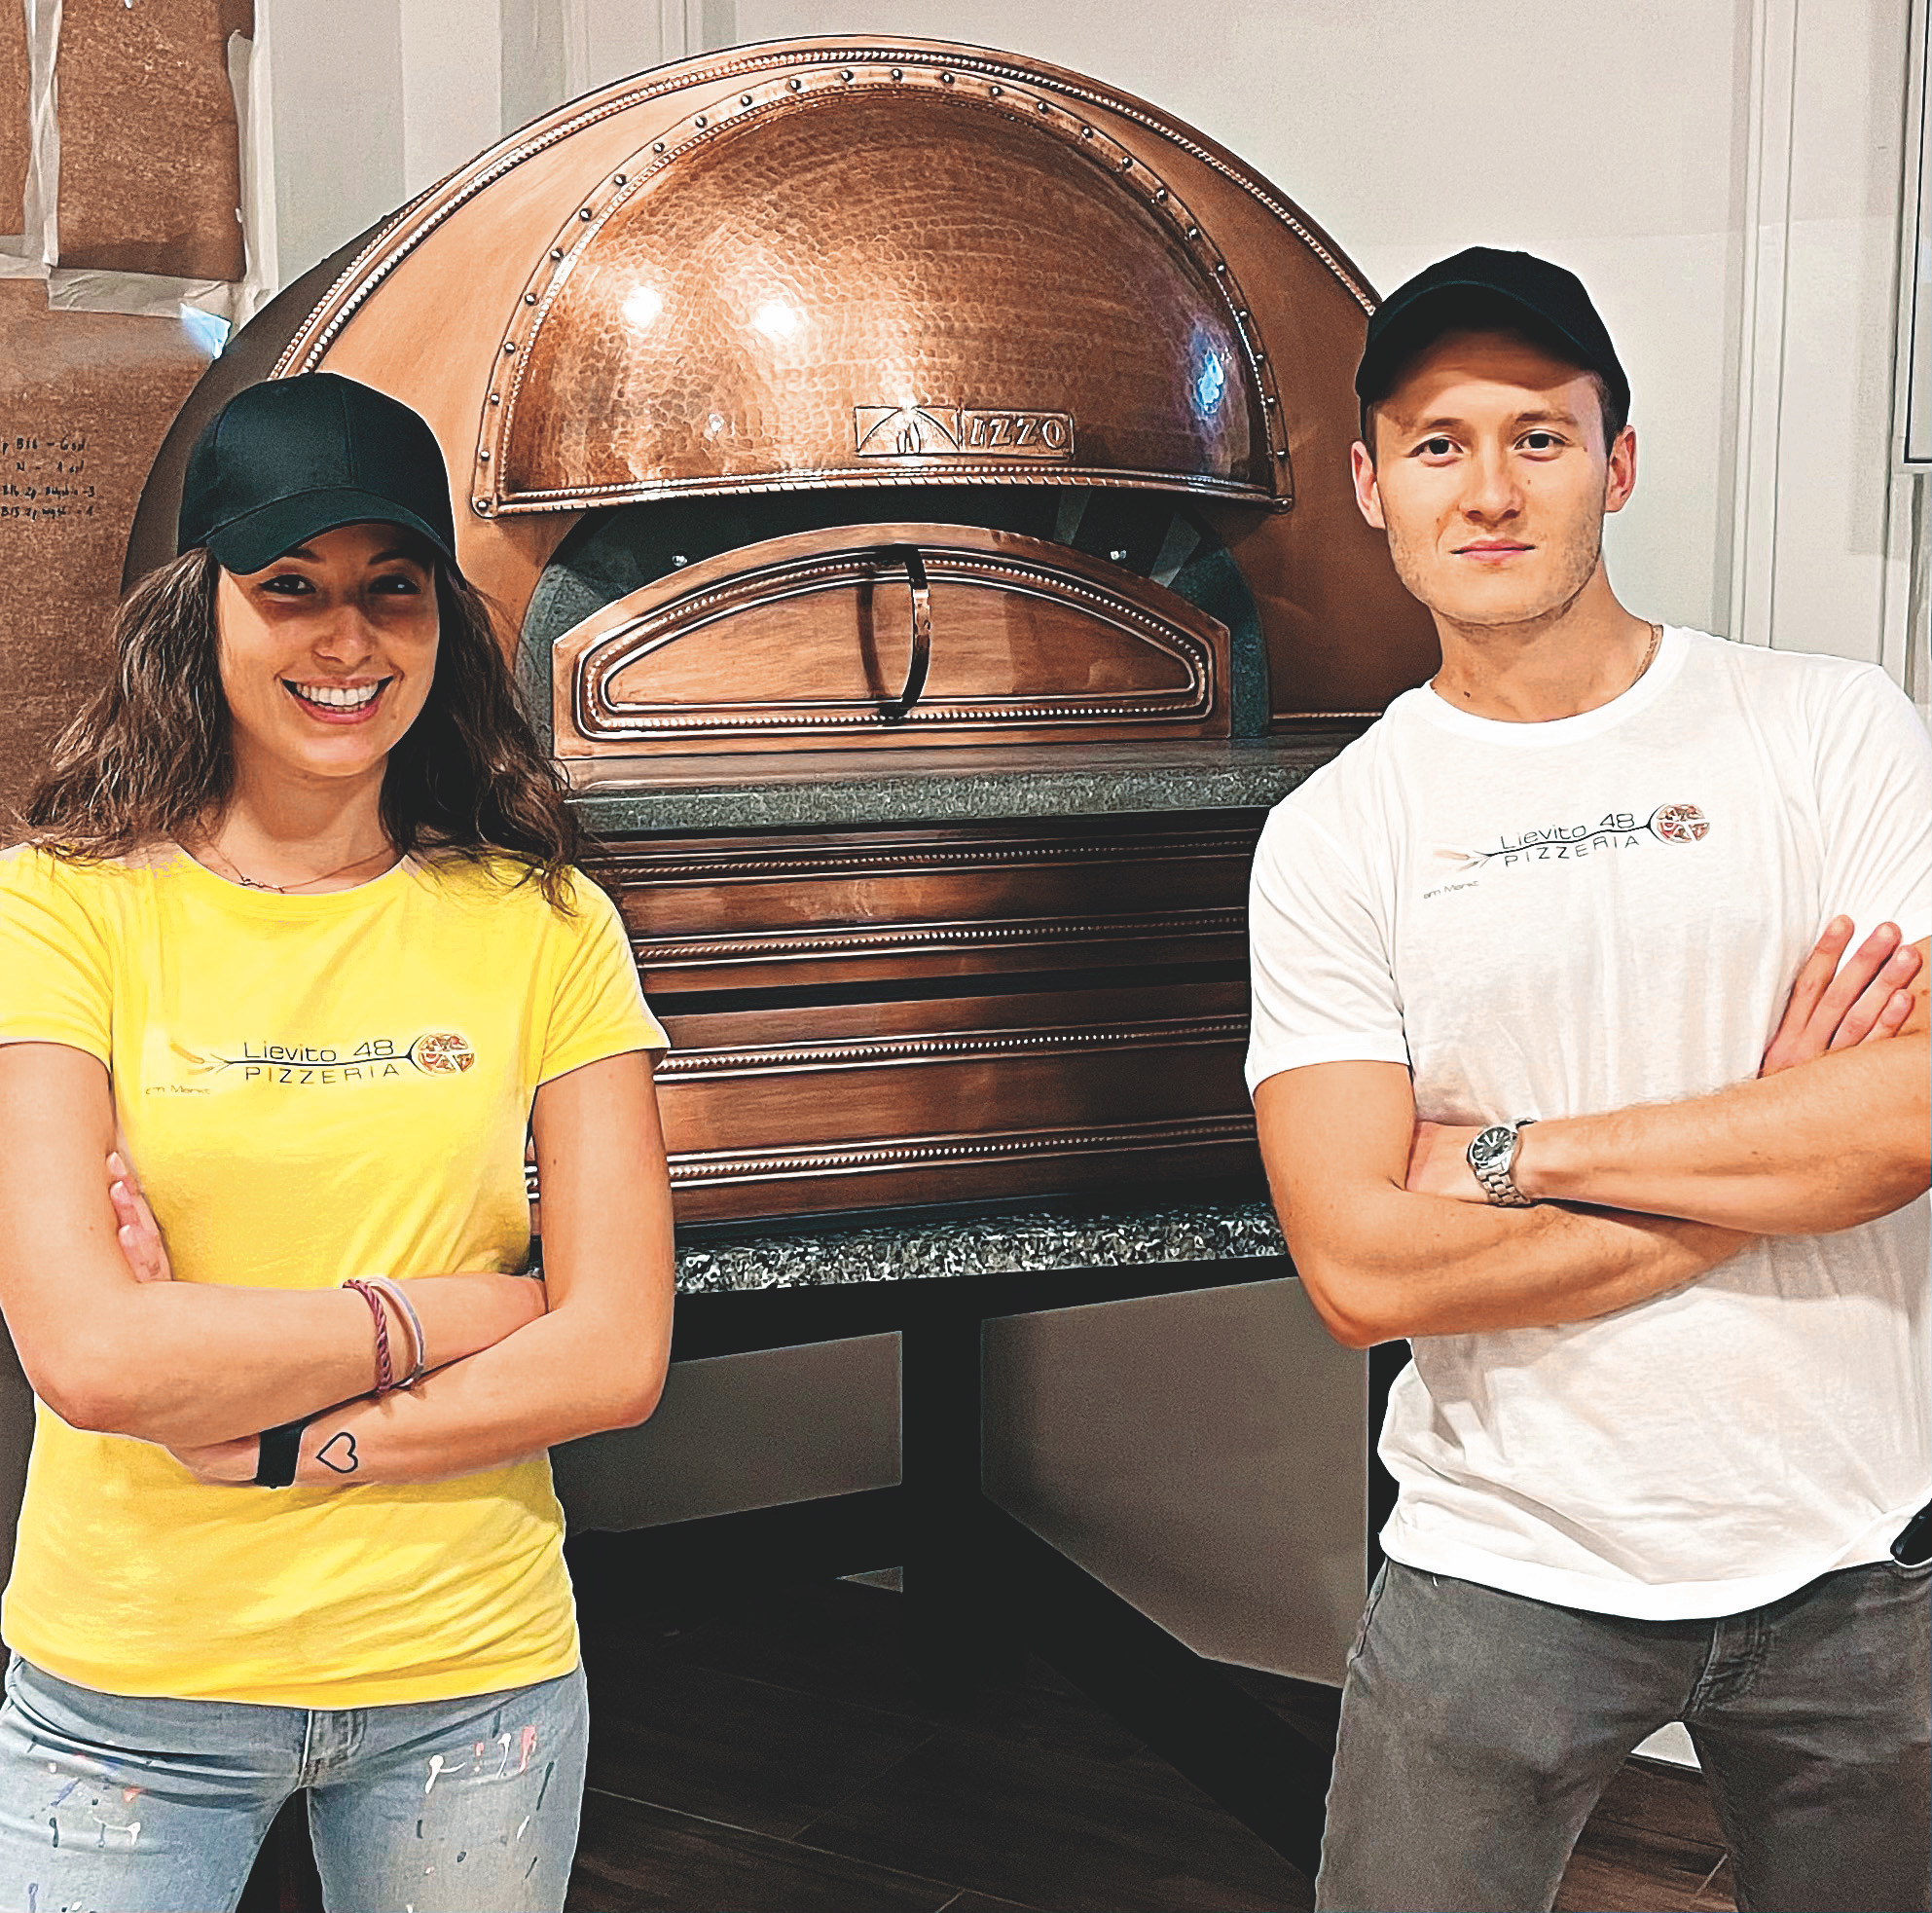 Neue Stände amSchlingermarkt. Gerade aufgesperrt hat die Pizzeria Lievito 48. Für alle Pizza-Liebhaber werden Giulia & Valerio Bendinelli echte napolitanische Pizza anbieten (Bild oben). Bild: Privat.